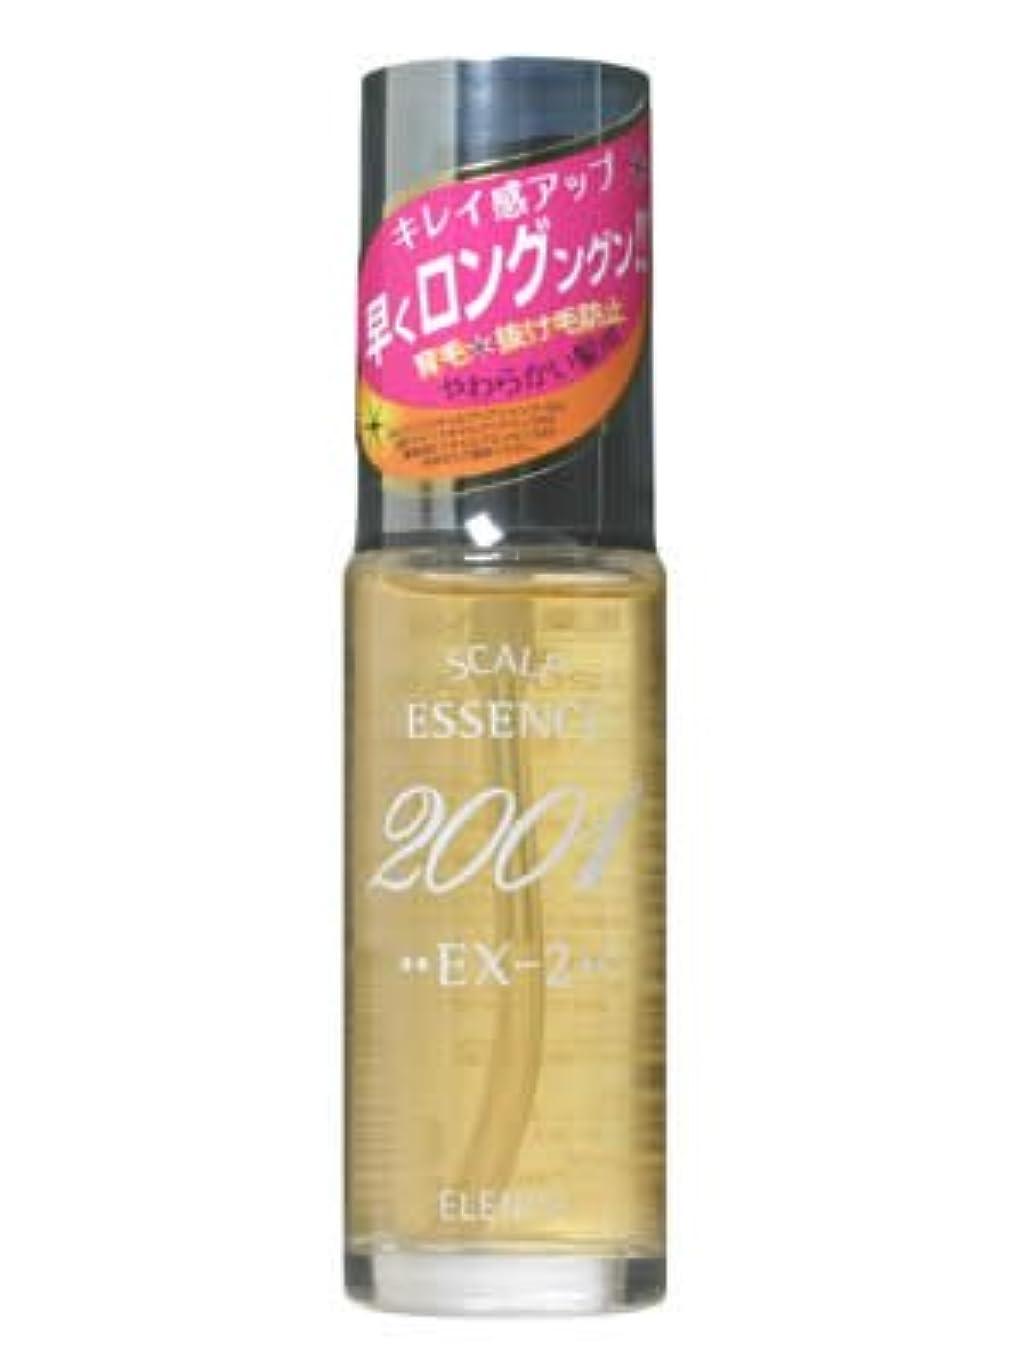 除外する悪質な等エレンス2001 スキャルプエッセンスEX-2(やわらかい髪用)